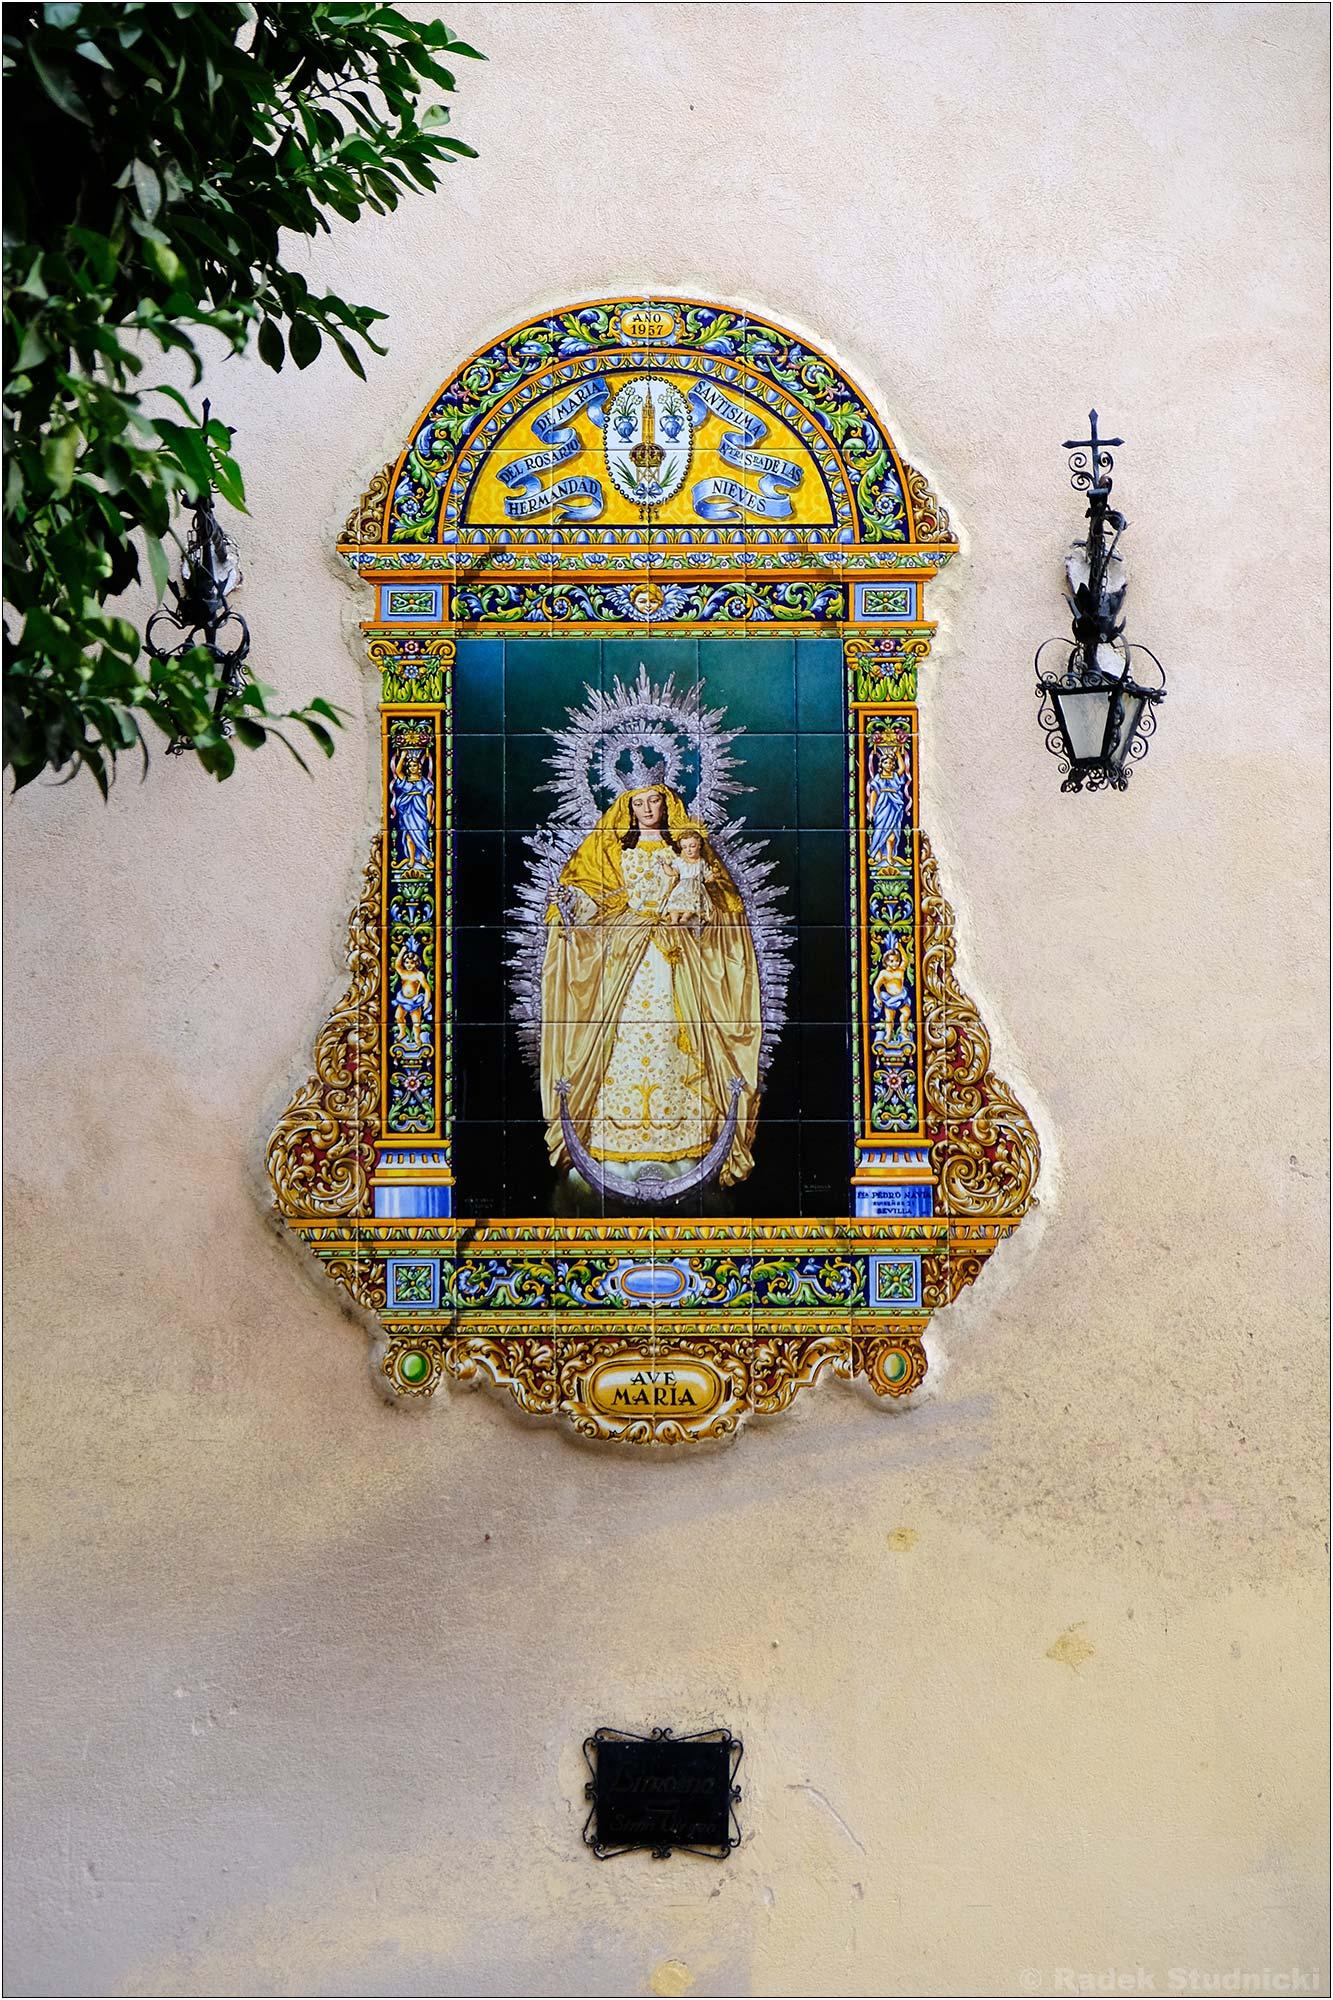 Obrazki świętych są wszędzie